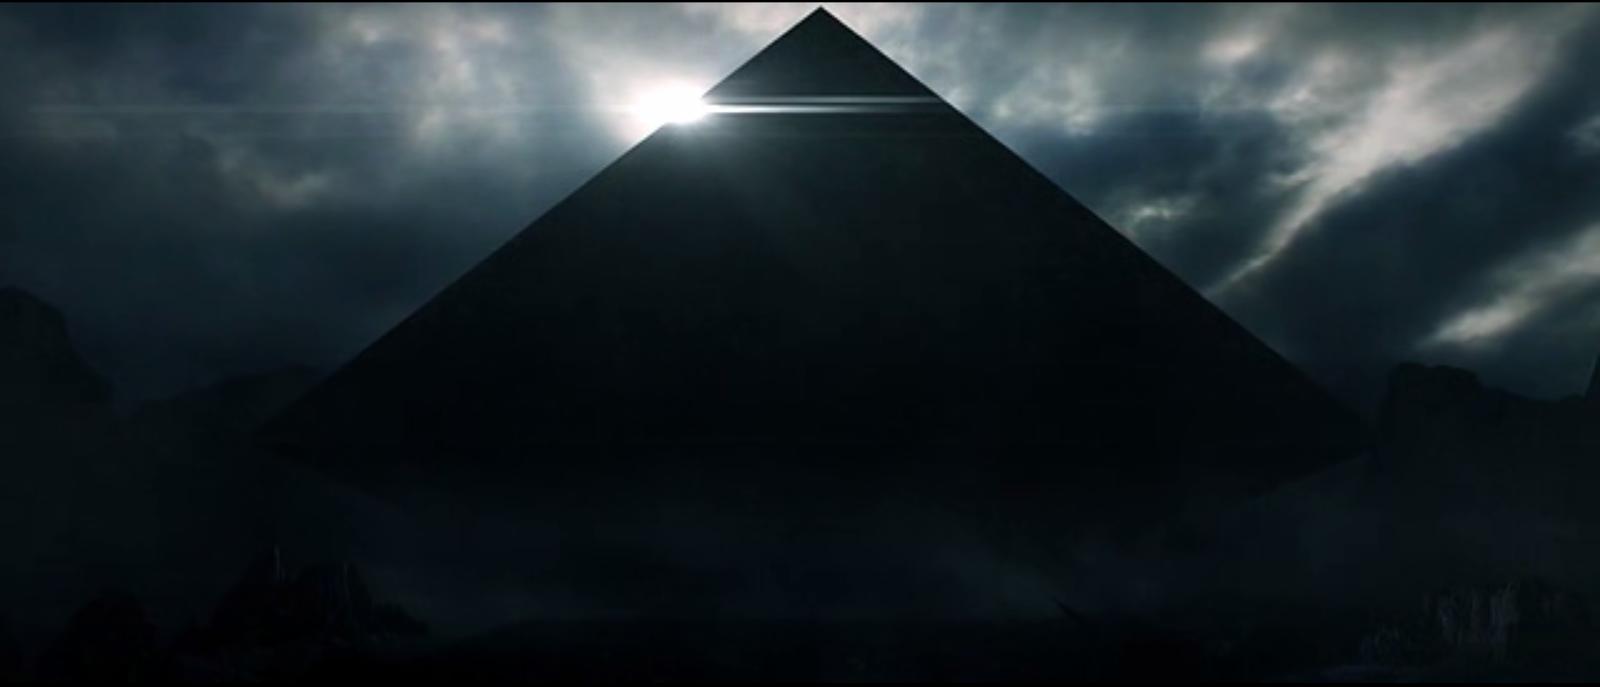 моде картинка черная пирамида на телефон слову, мед добытый